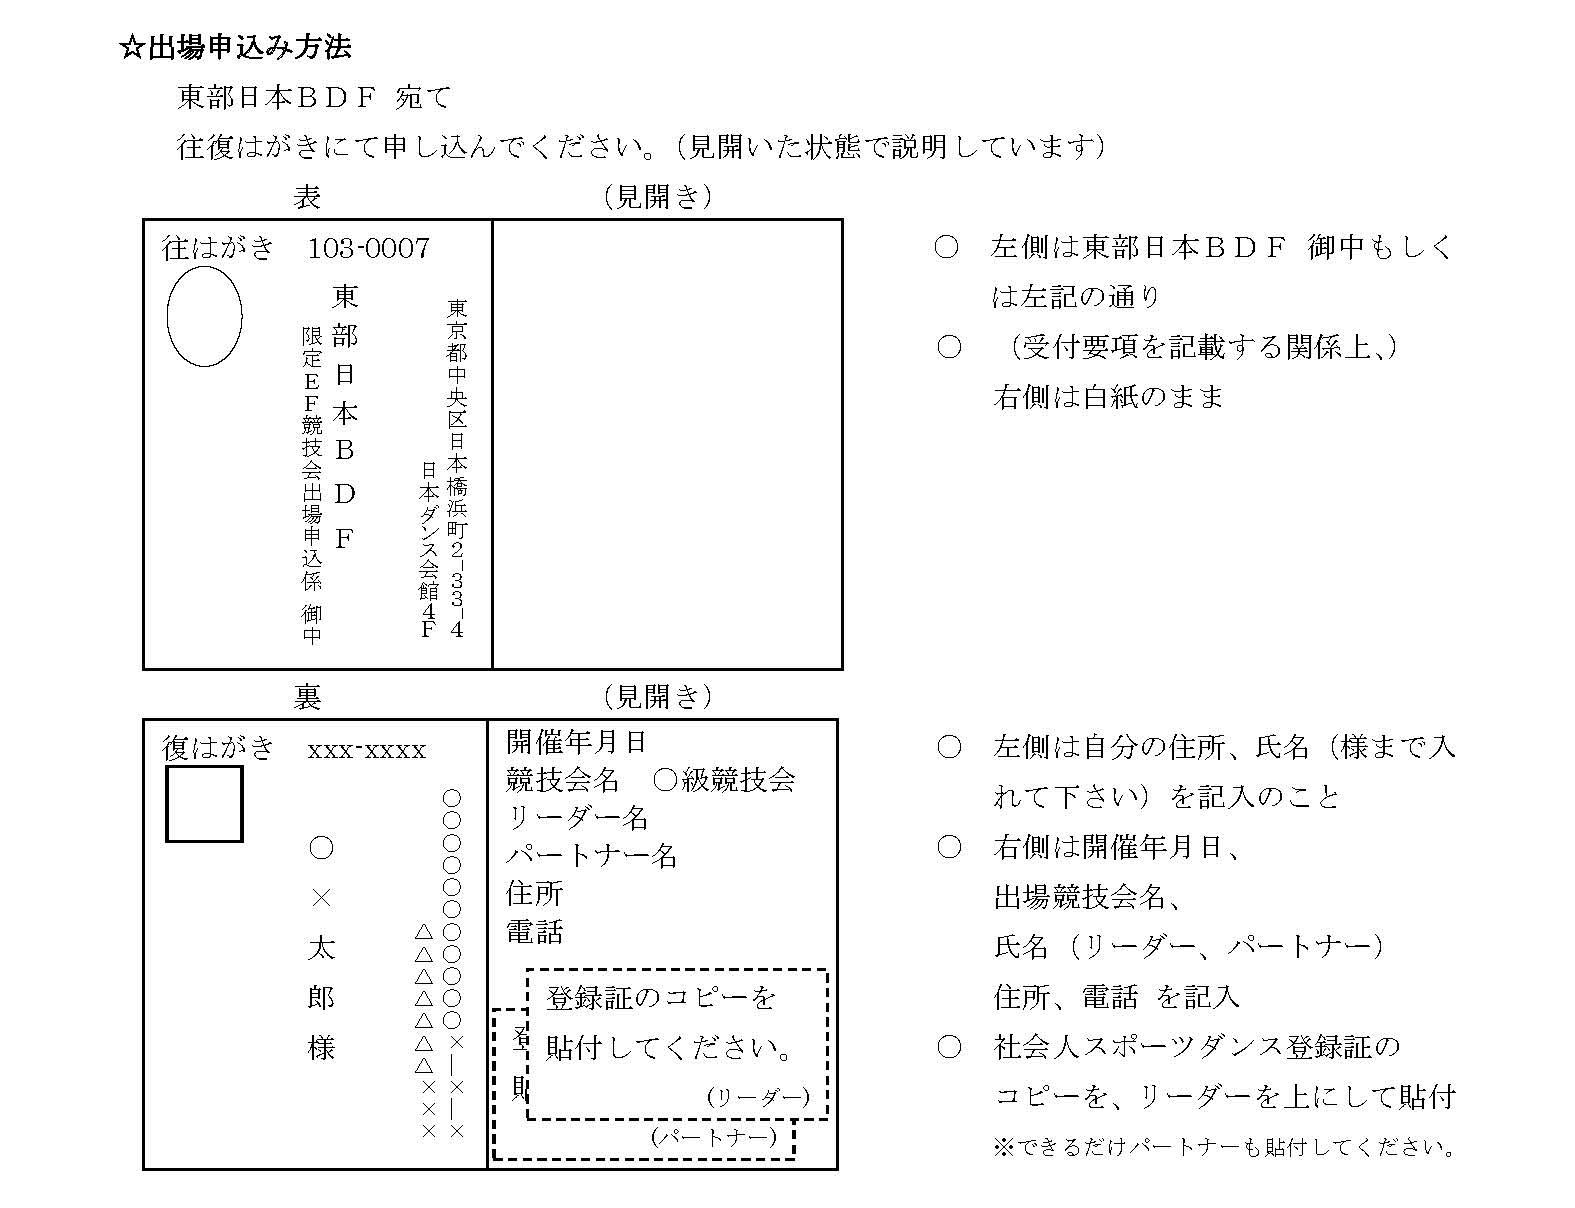 東部日本BDFの限定競技会1